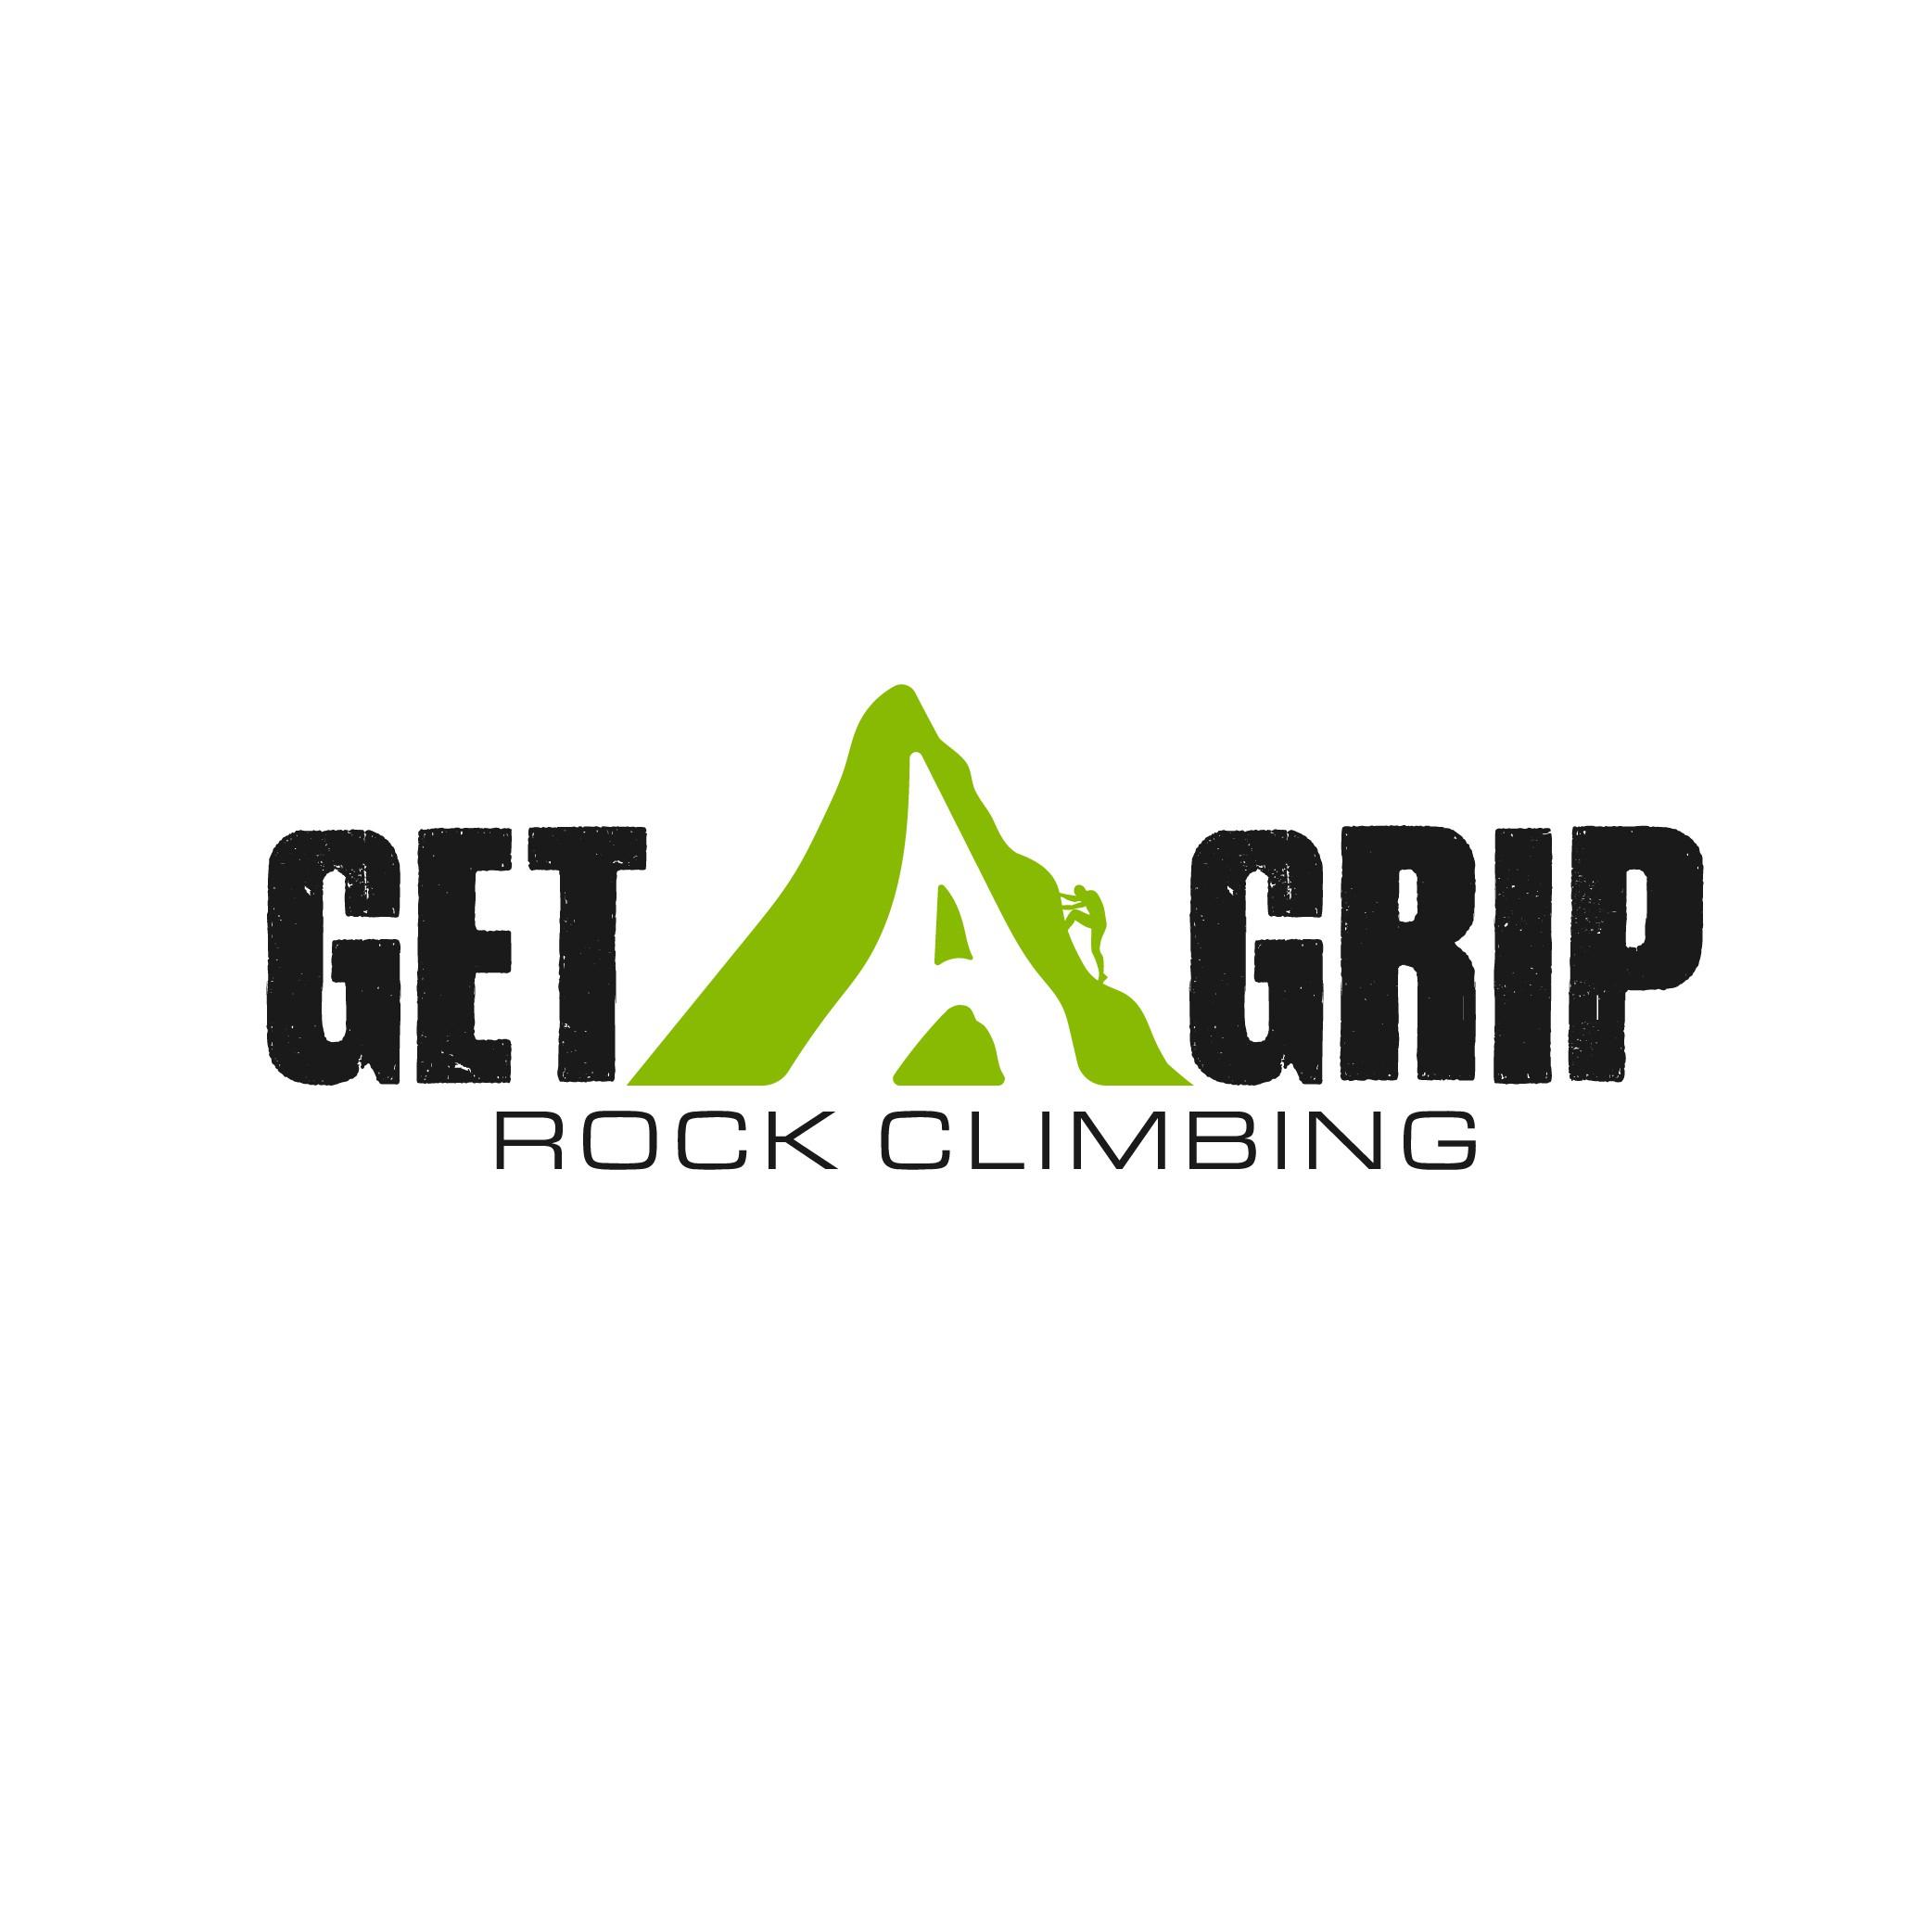 Get A Grip! Rock Climbing logo design